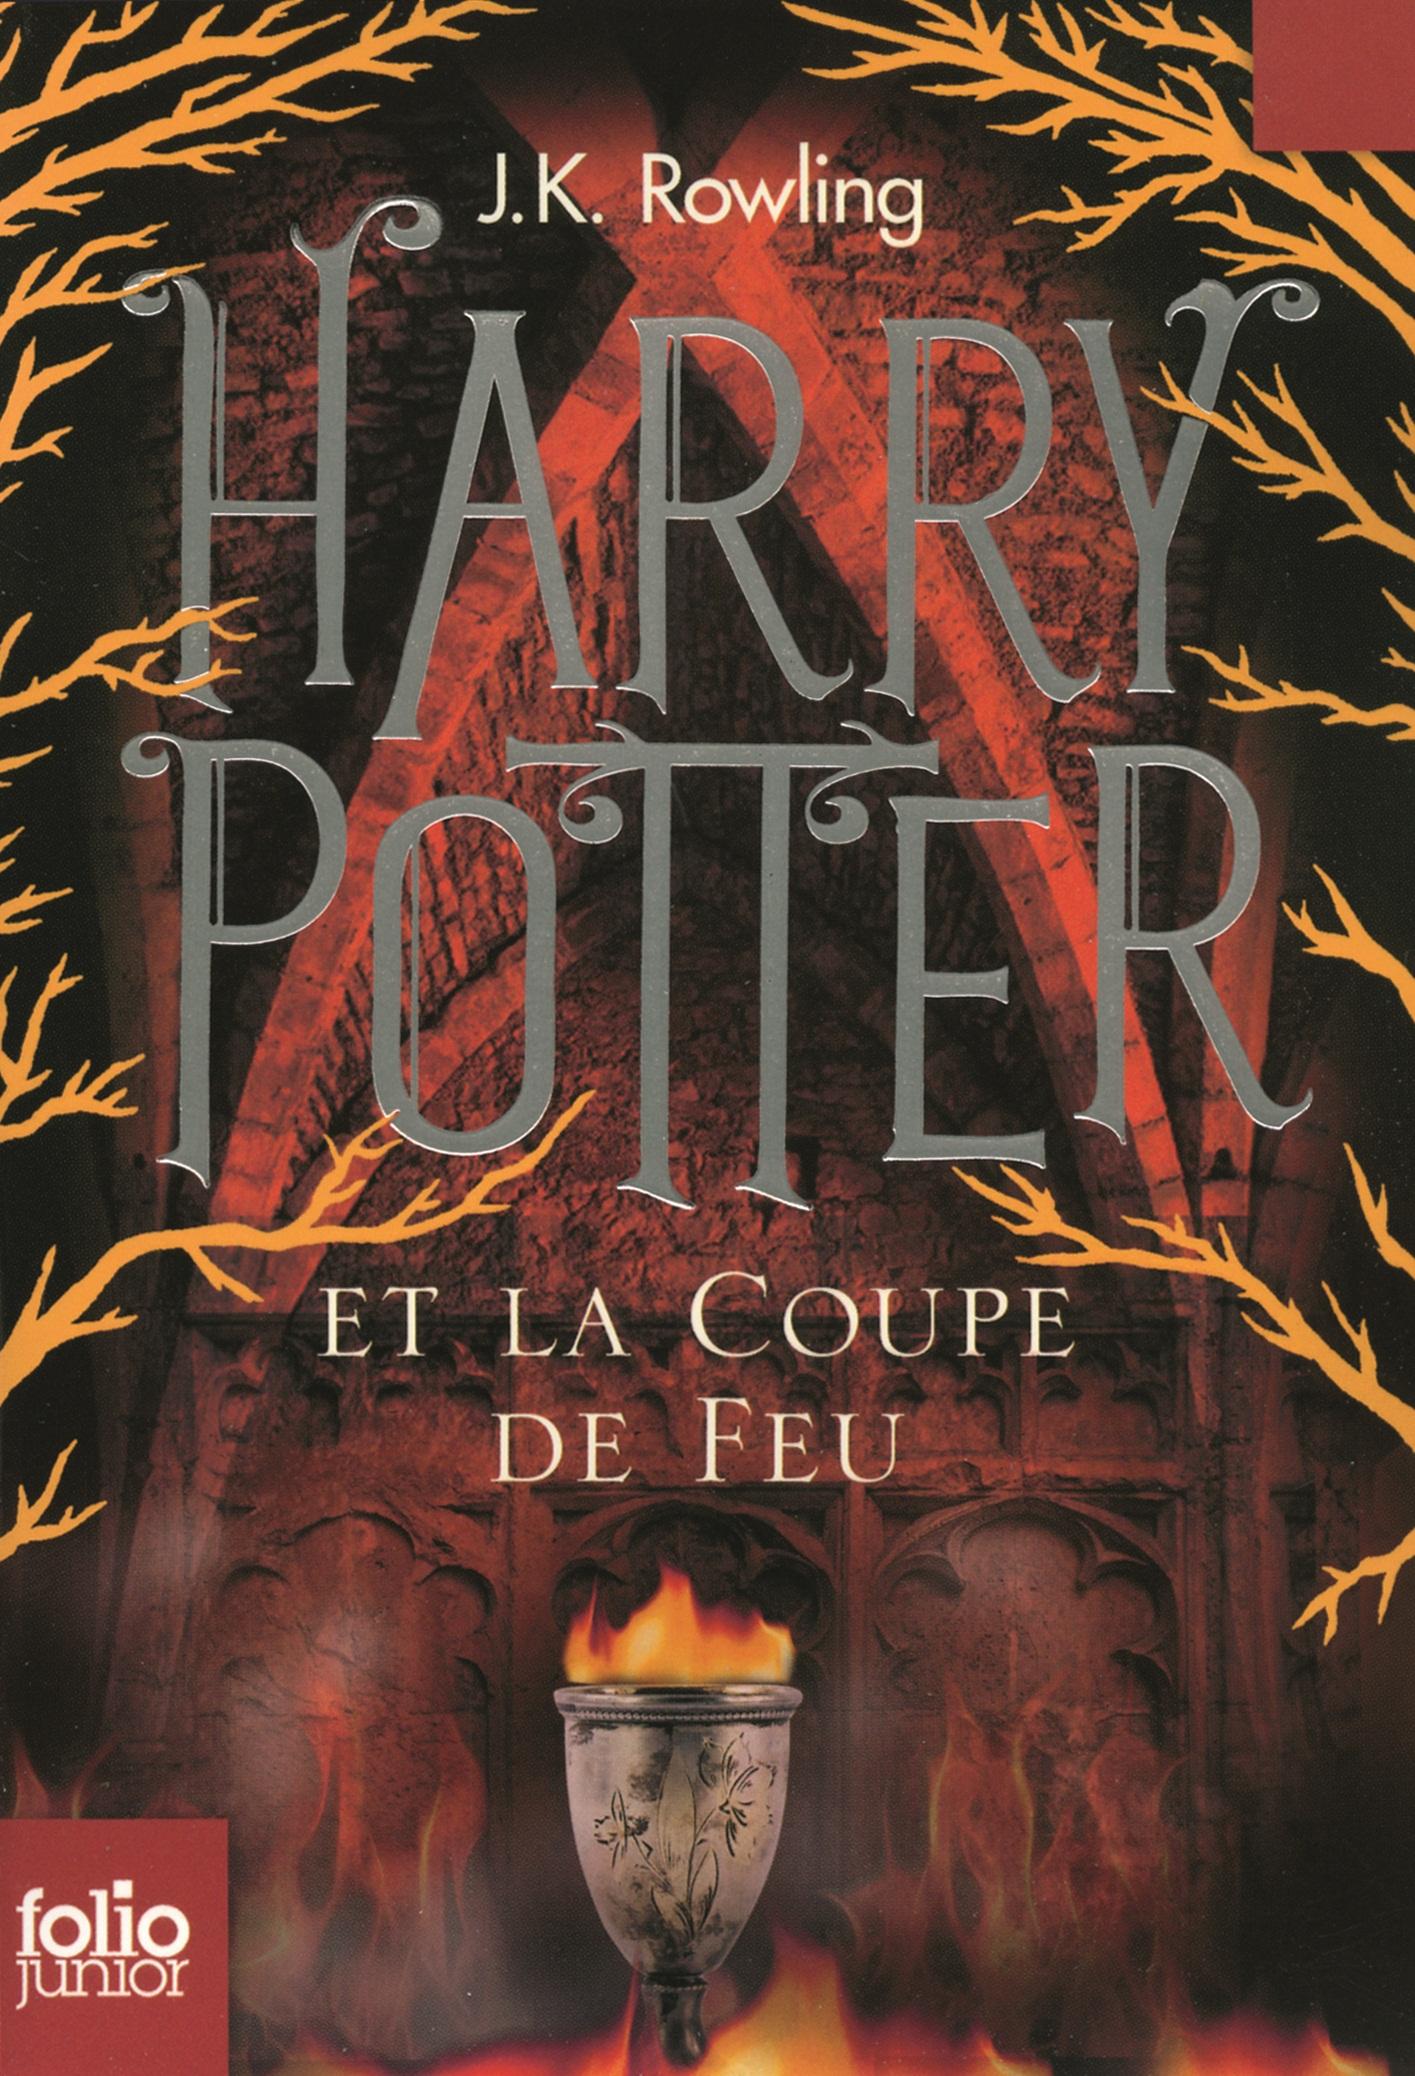 Harry Potter Et La Coupe De Feu Livre Wiki J K Rowling